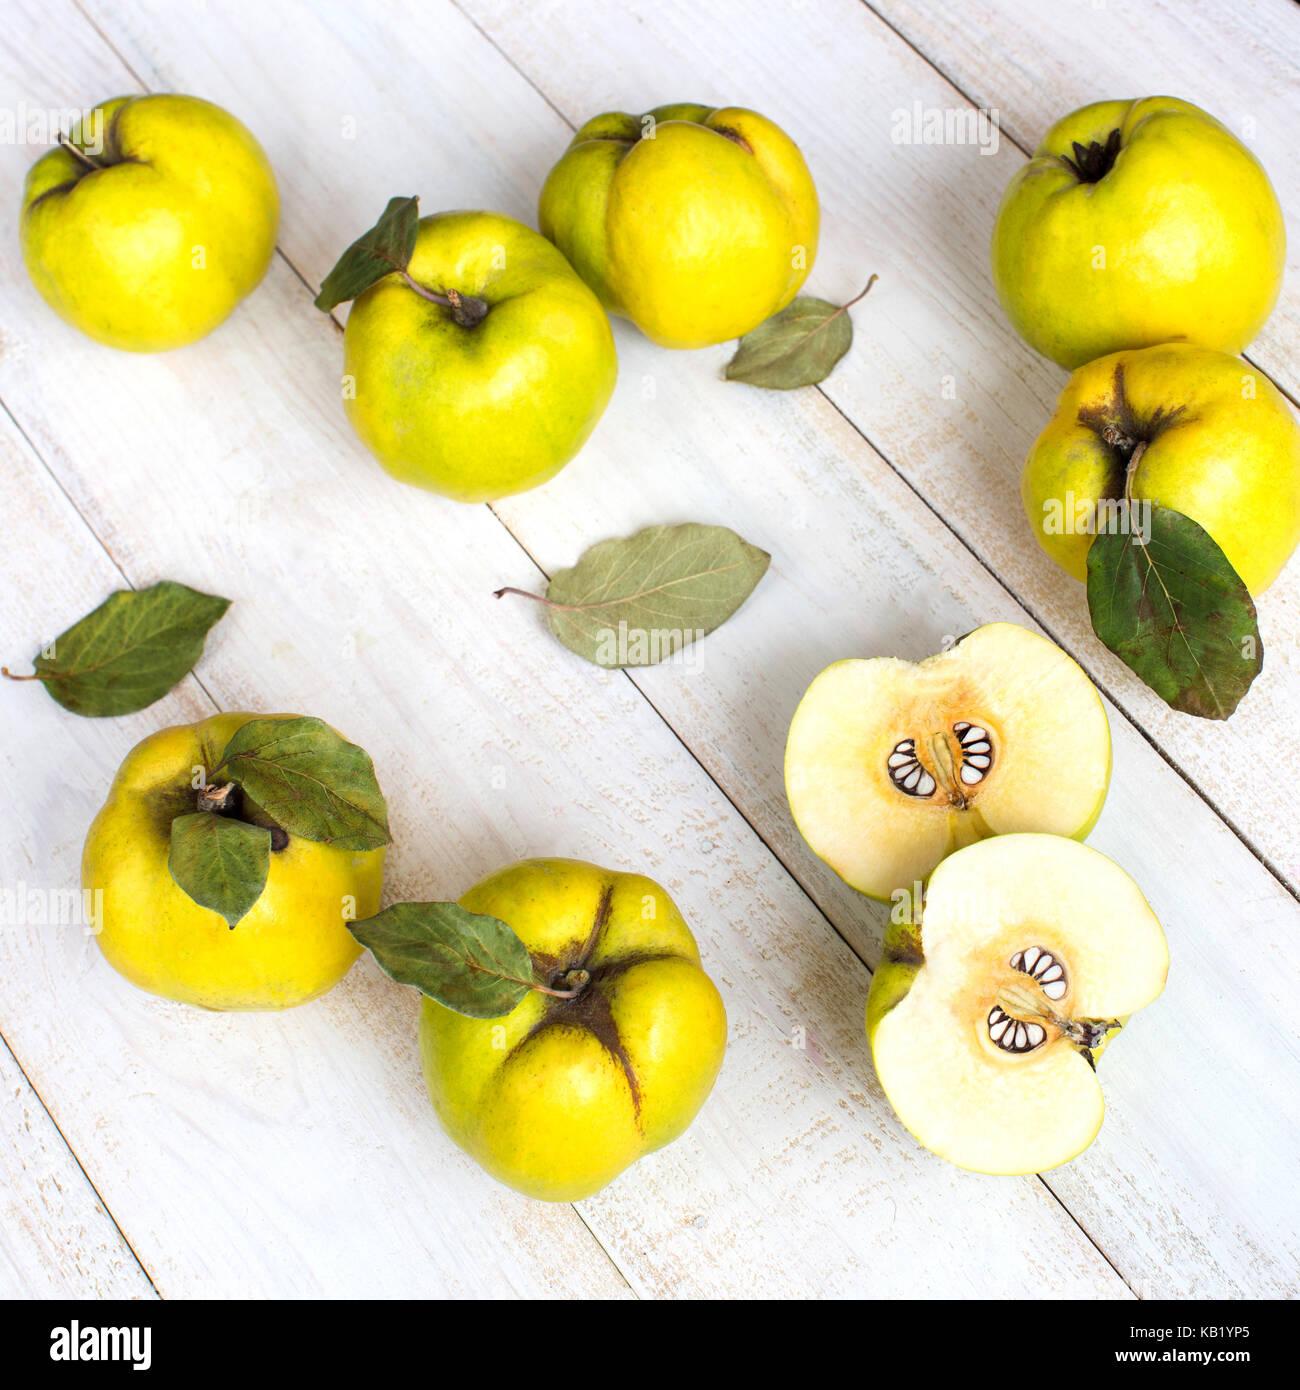 Gesunder Lebensstil, Behandlung, natürliche Hauttöne Produkte Konzept. nach oben Blick auf gelbe Früchte Stockbild